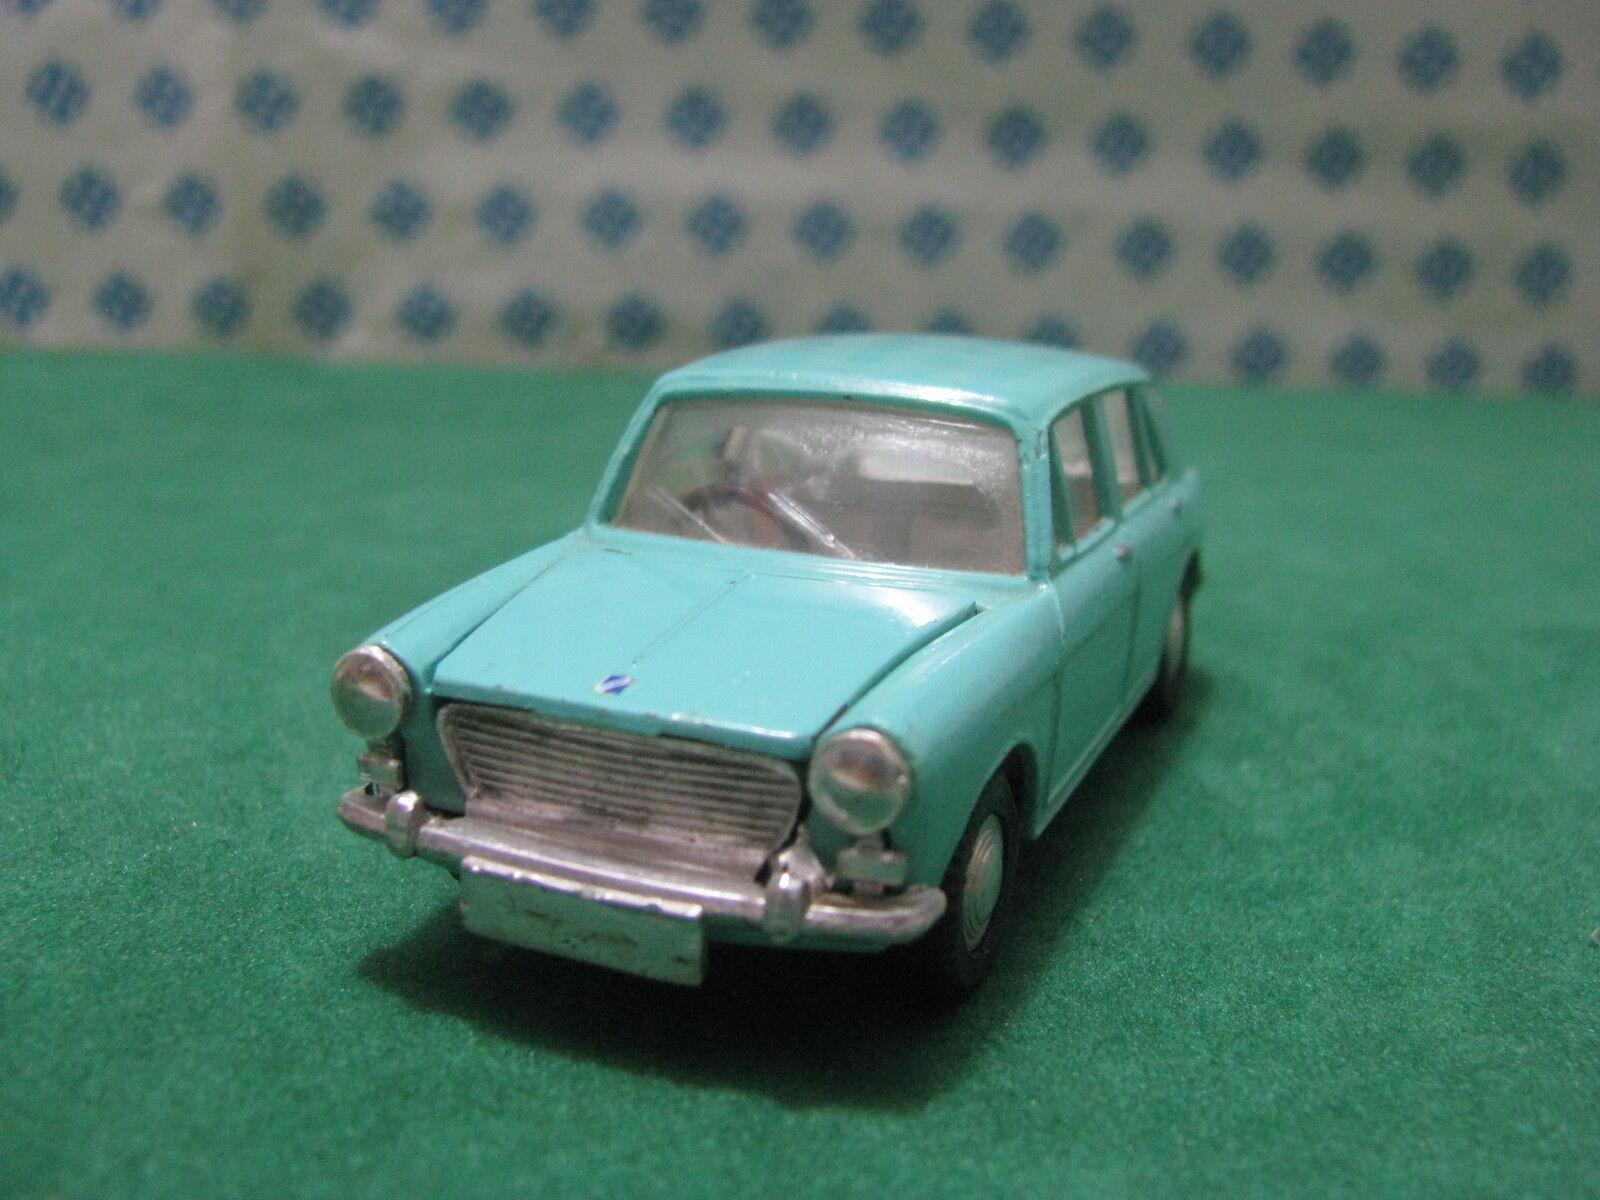 Vintage - Morris 1100 - 1 42 Spot-On  262 Mint Condition  qualité fantastique